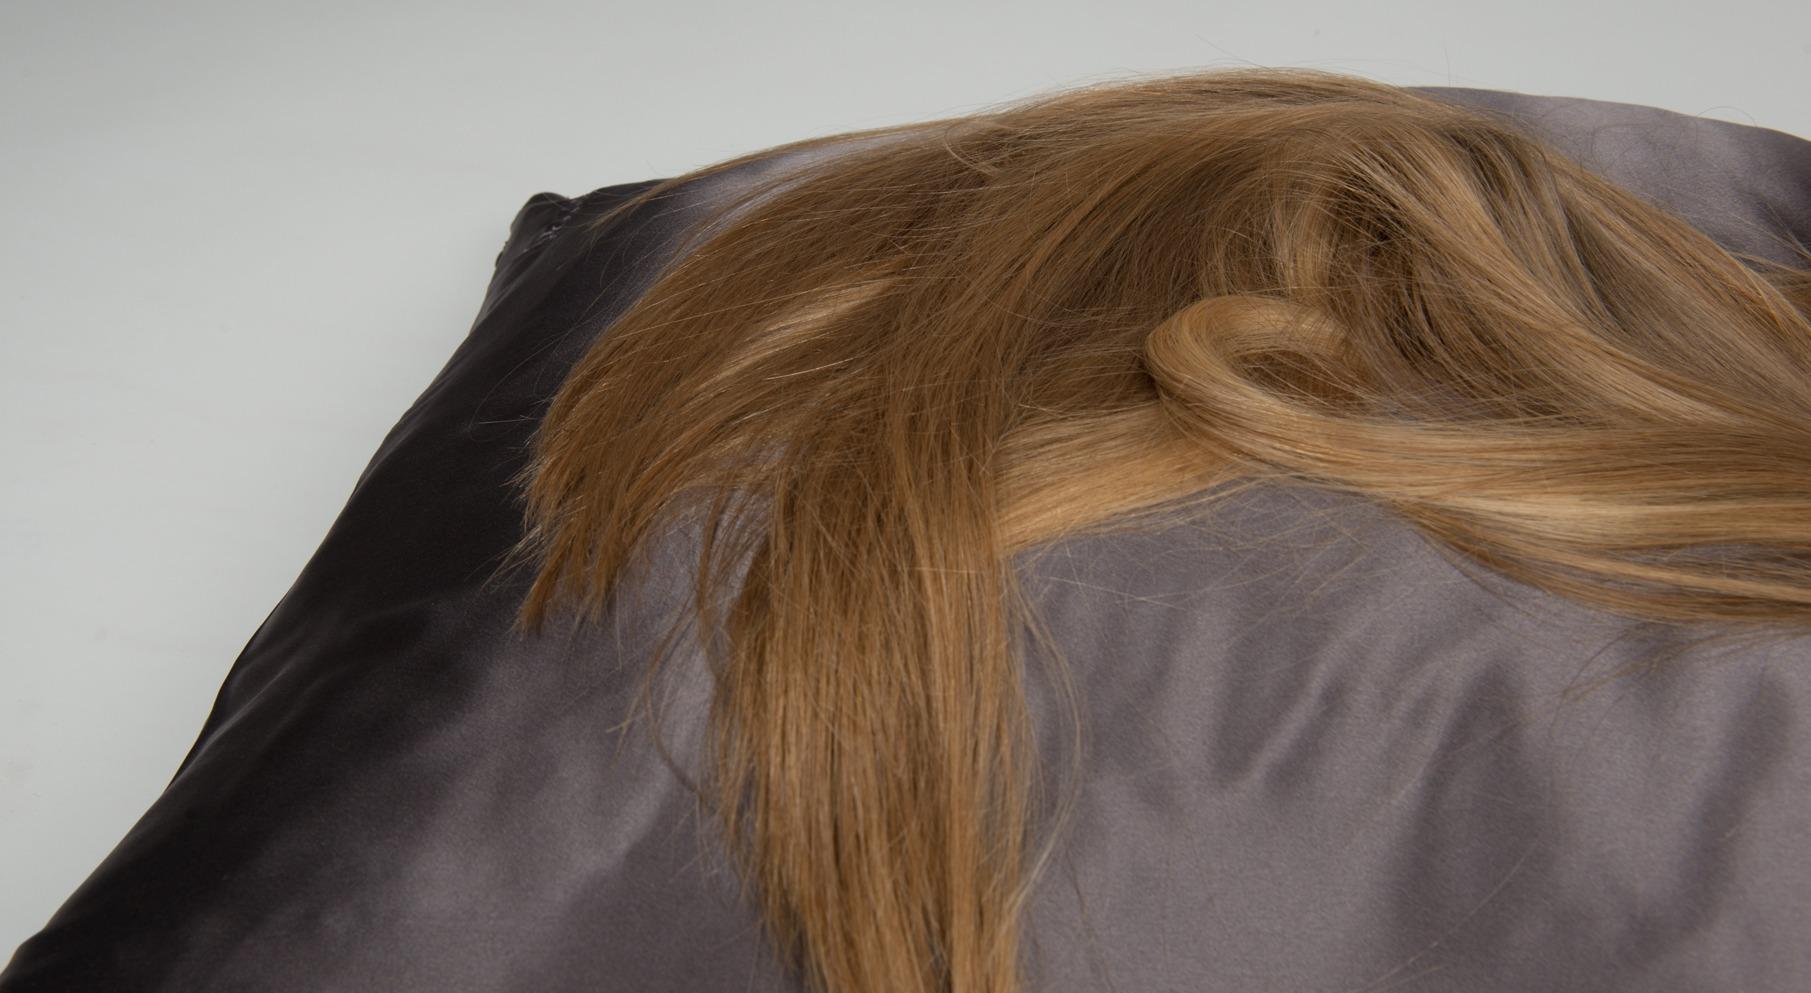 blagotvorno djelovanje svile na kosu